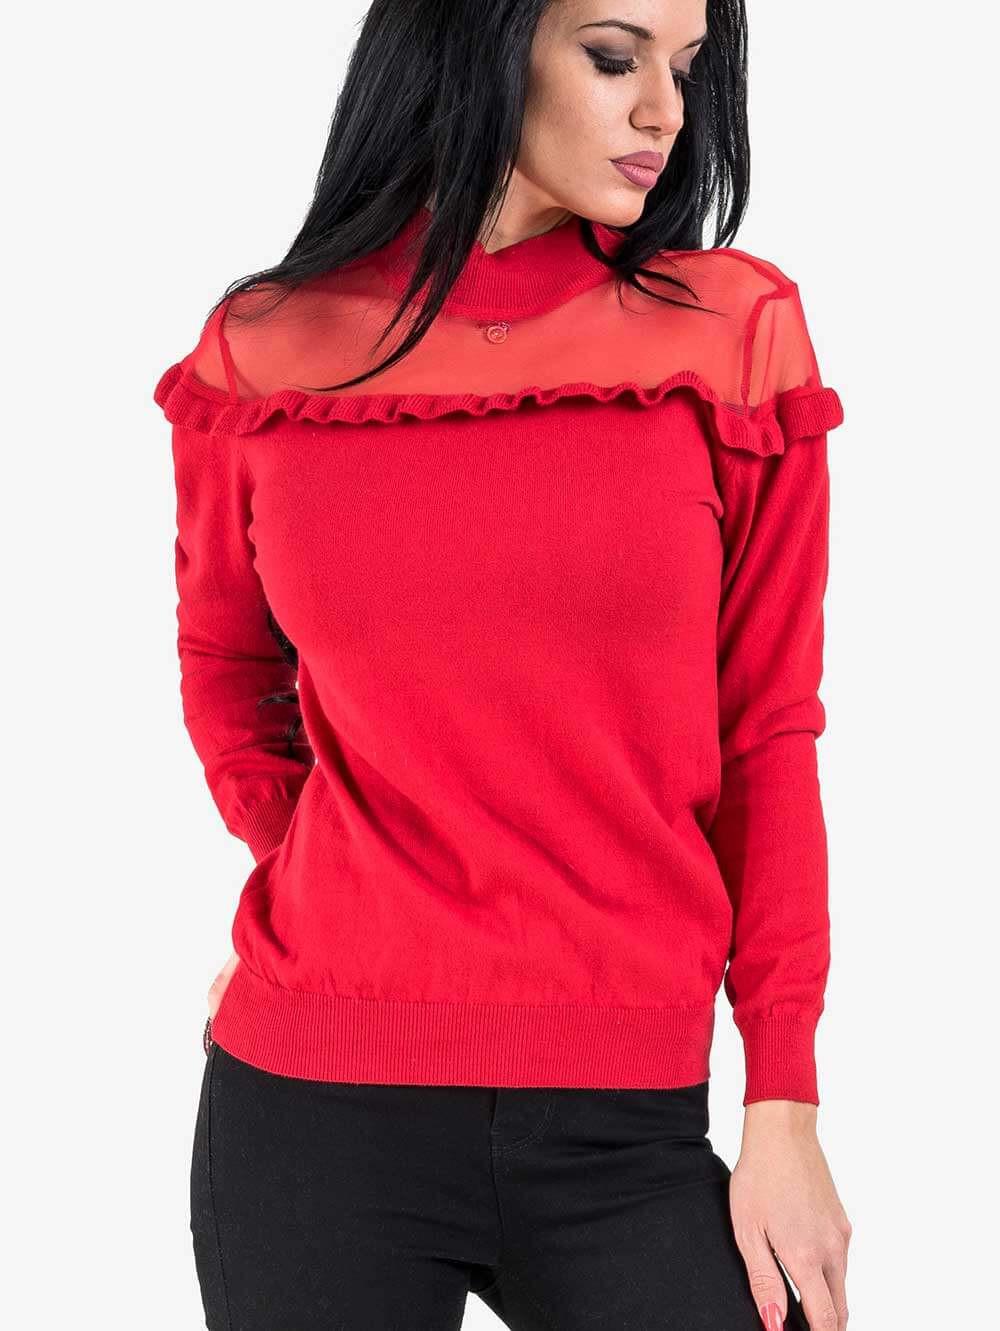 59dc73d7d64 Дамска червена блуза с дантела | Блузи с дълъг ръкав от INDIGO Fashion